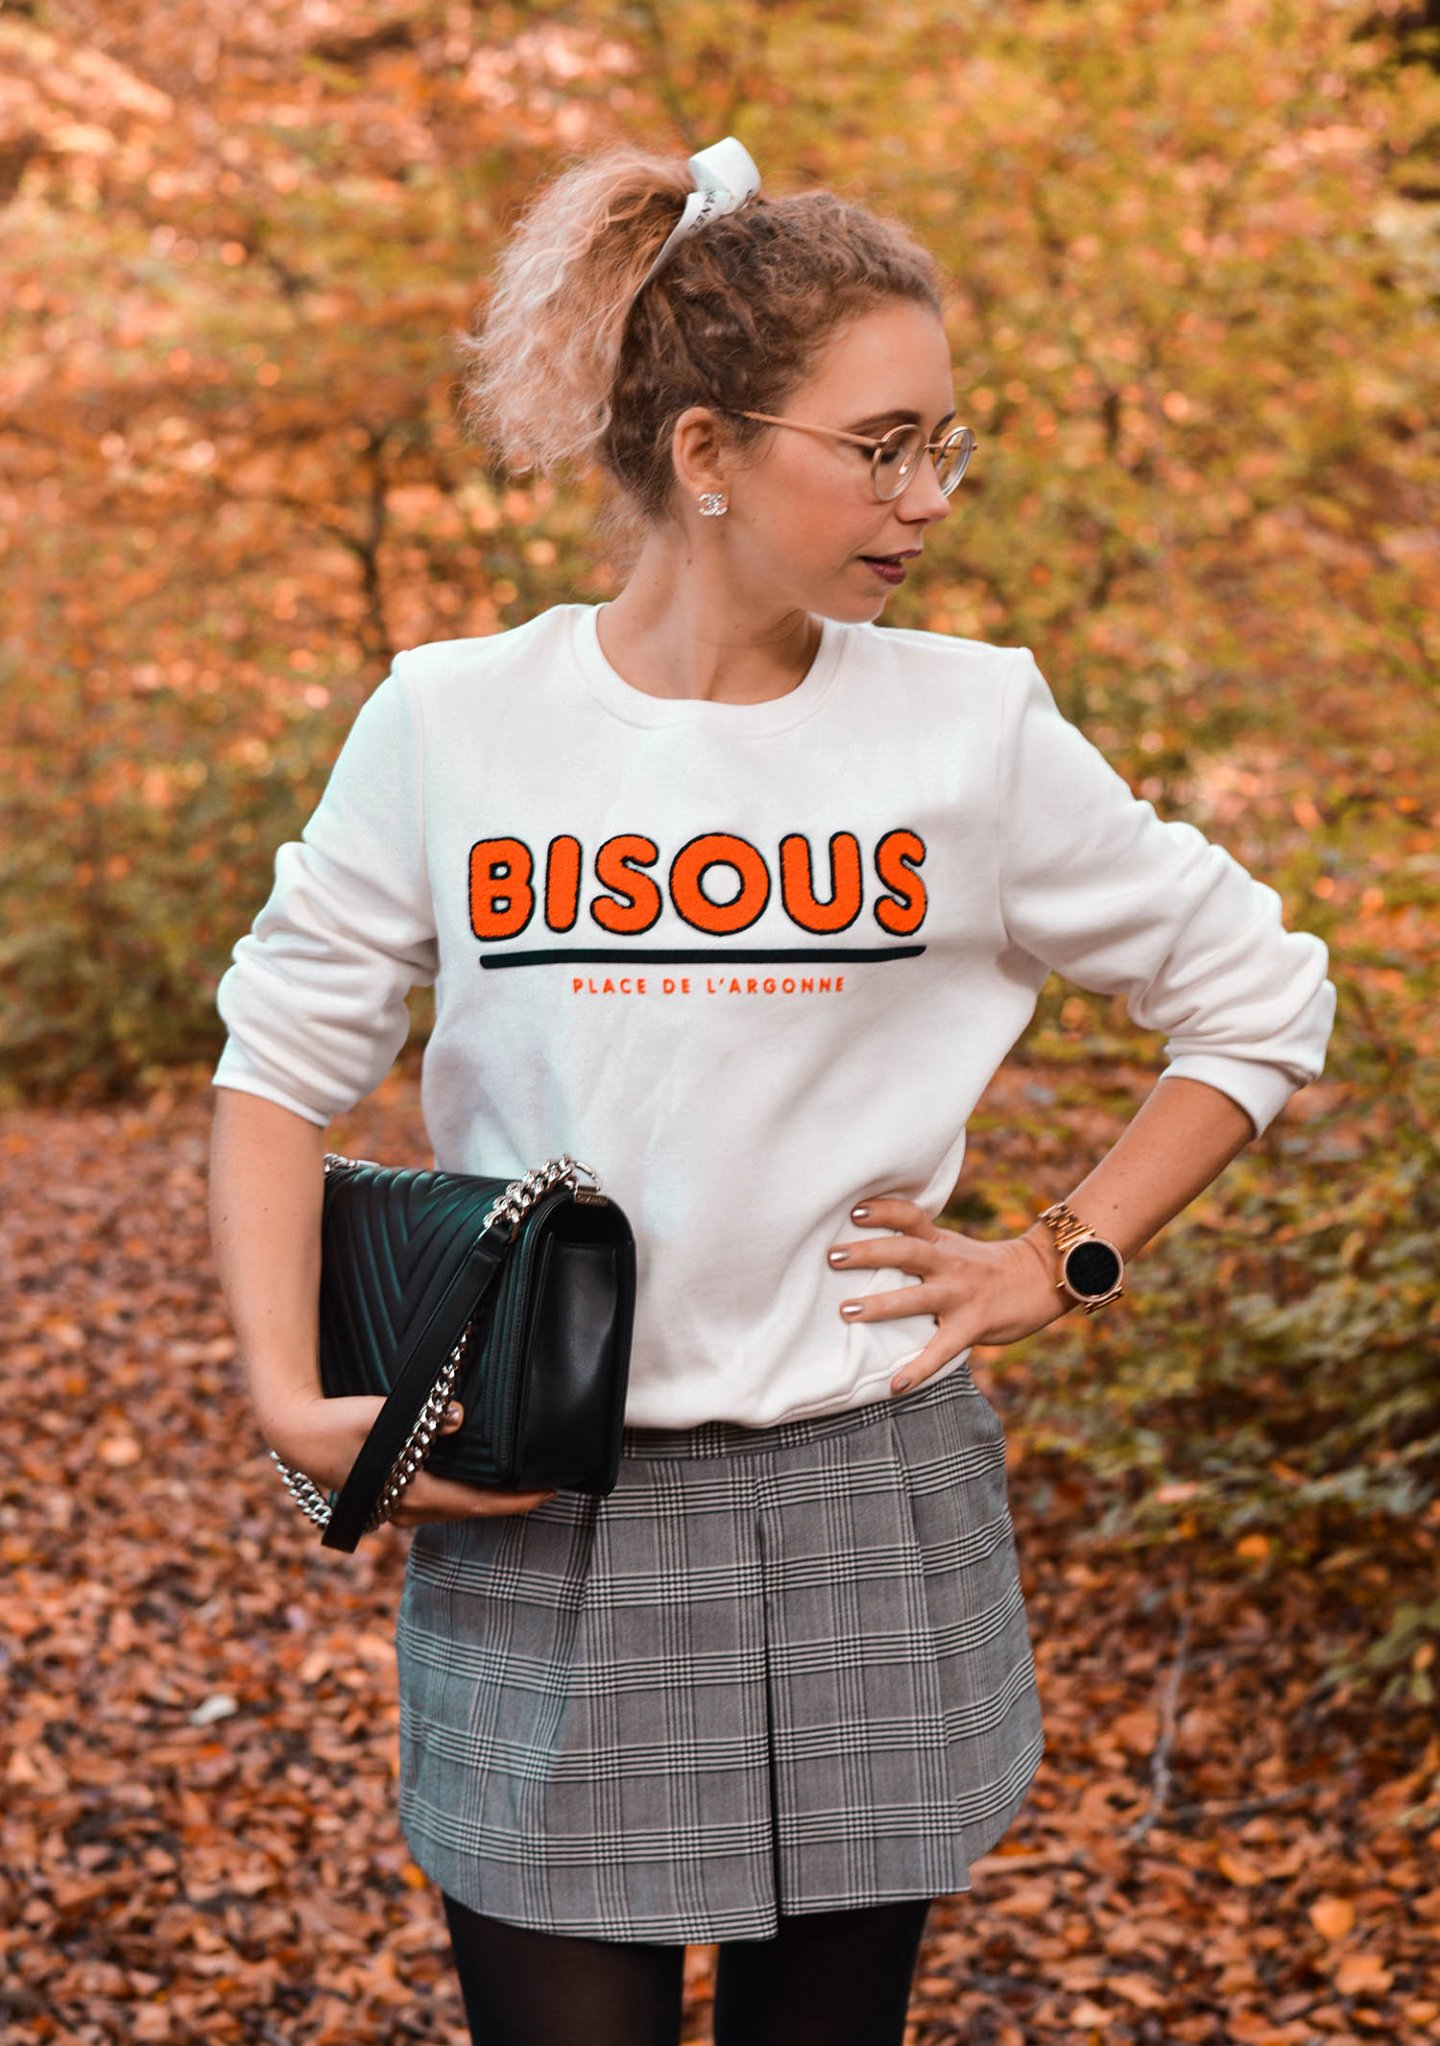 Herbstlook mit Bisous sweatshirt von H&M